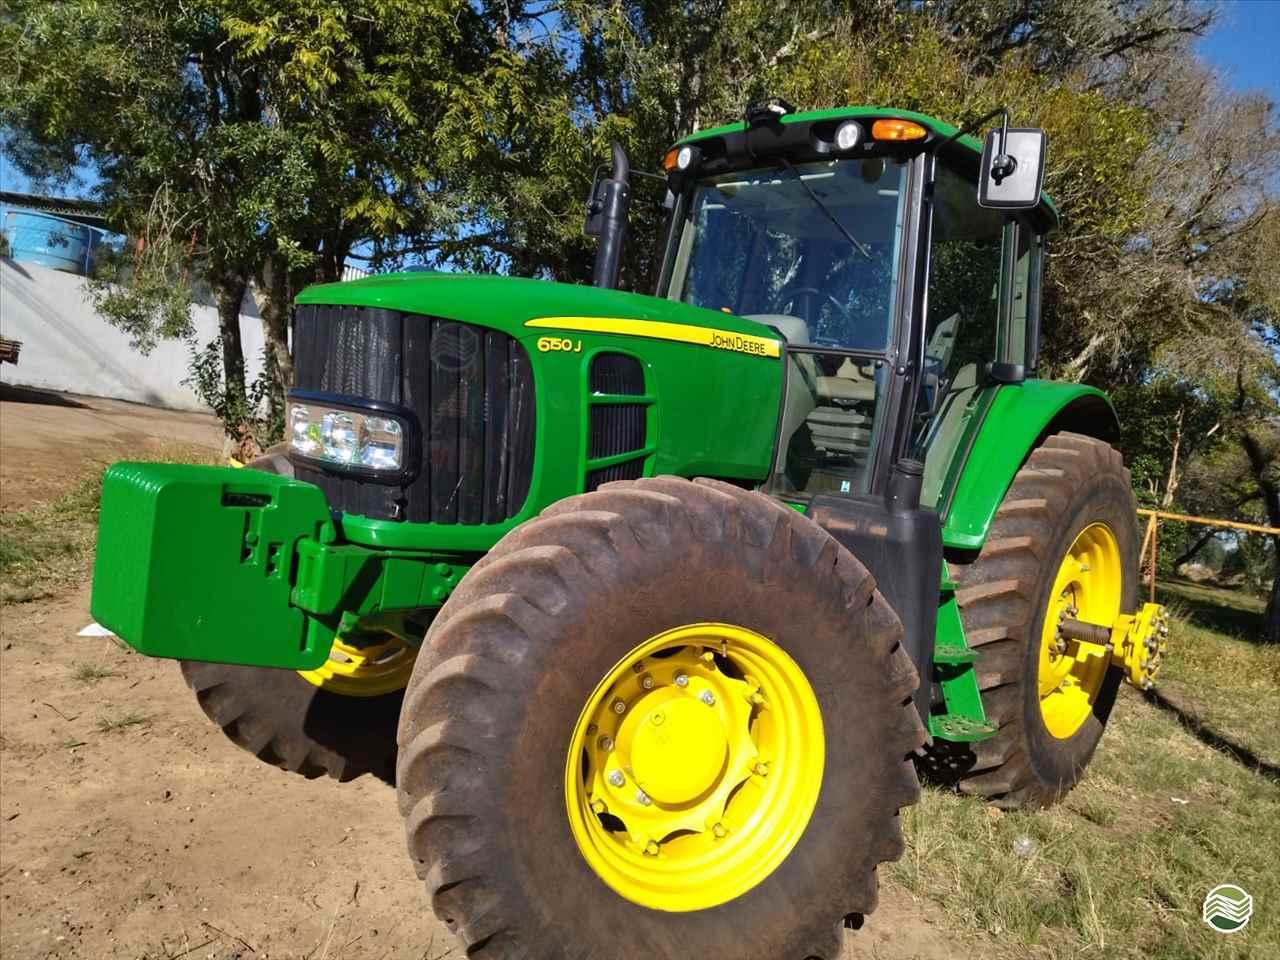 JOHN DEERE 6150 de Máquinas Agrícolas Pitanga - PITANGA/PR